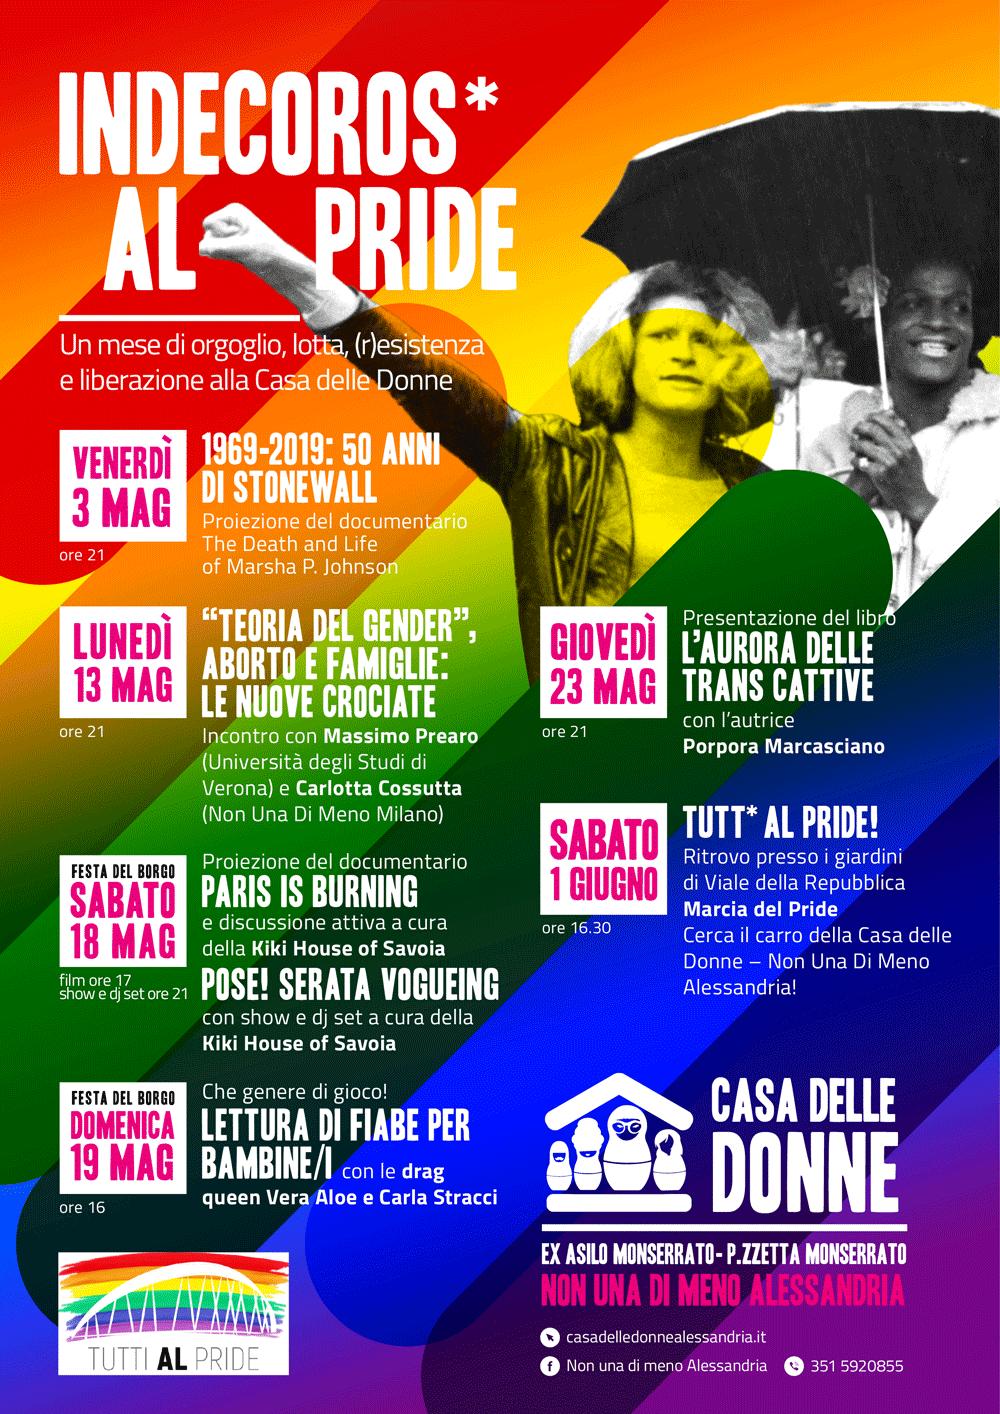 Indecoros* Al Pride! Un mese di eventi alla Casa delle Donne